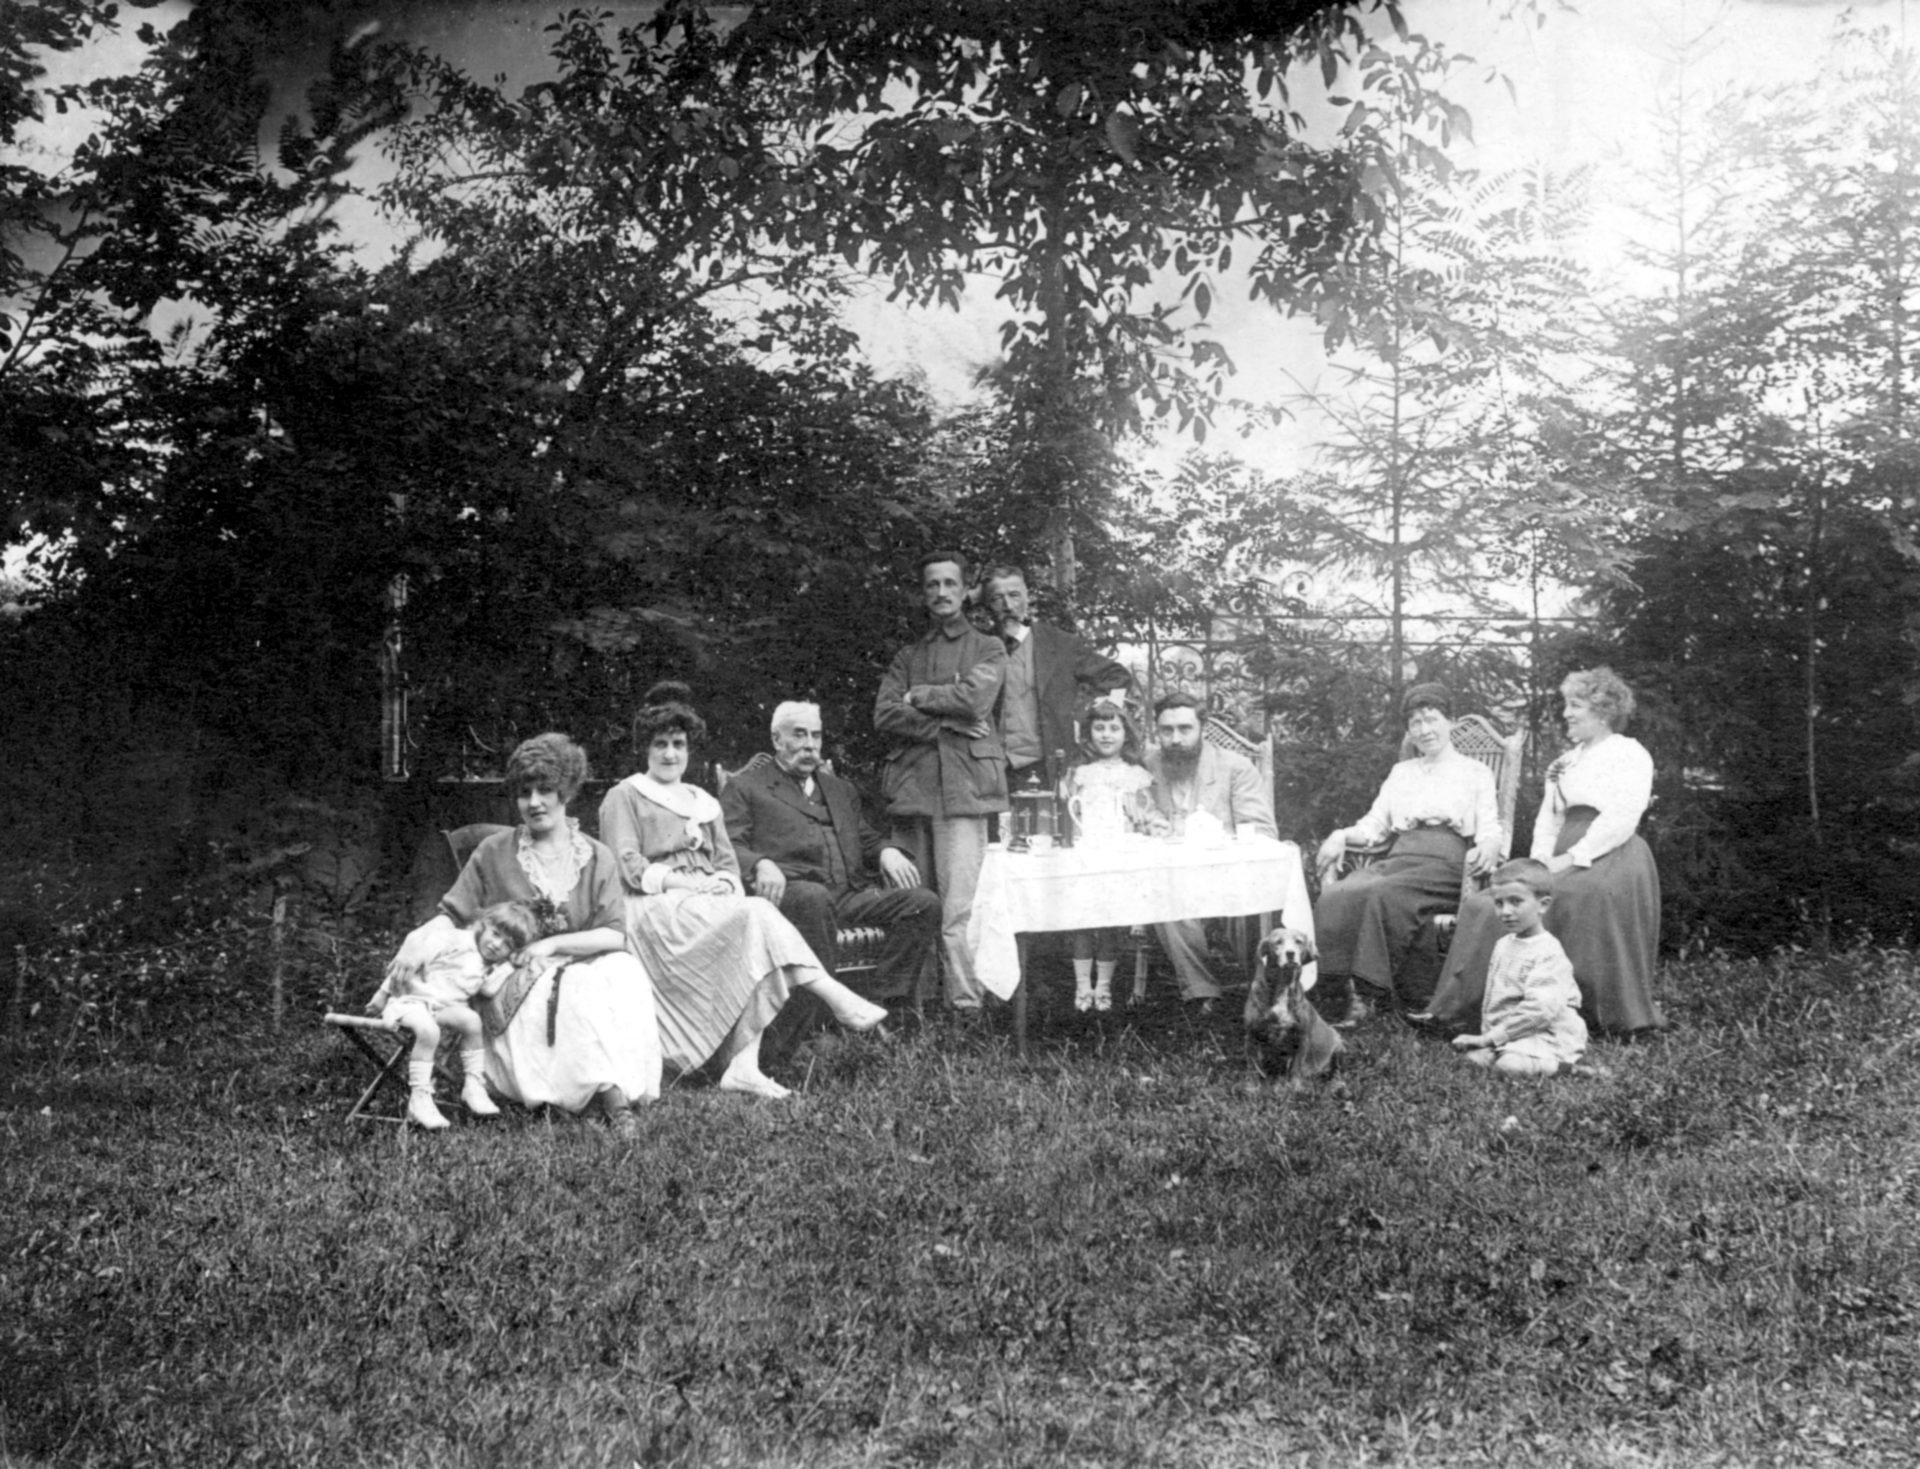 Alexandre Varenne assis à la table au milieu à côté d'une petite fille - 15 Août 1916